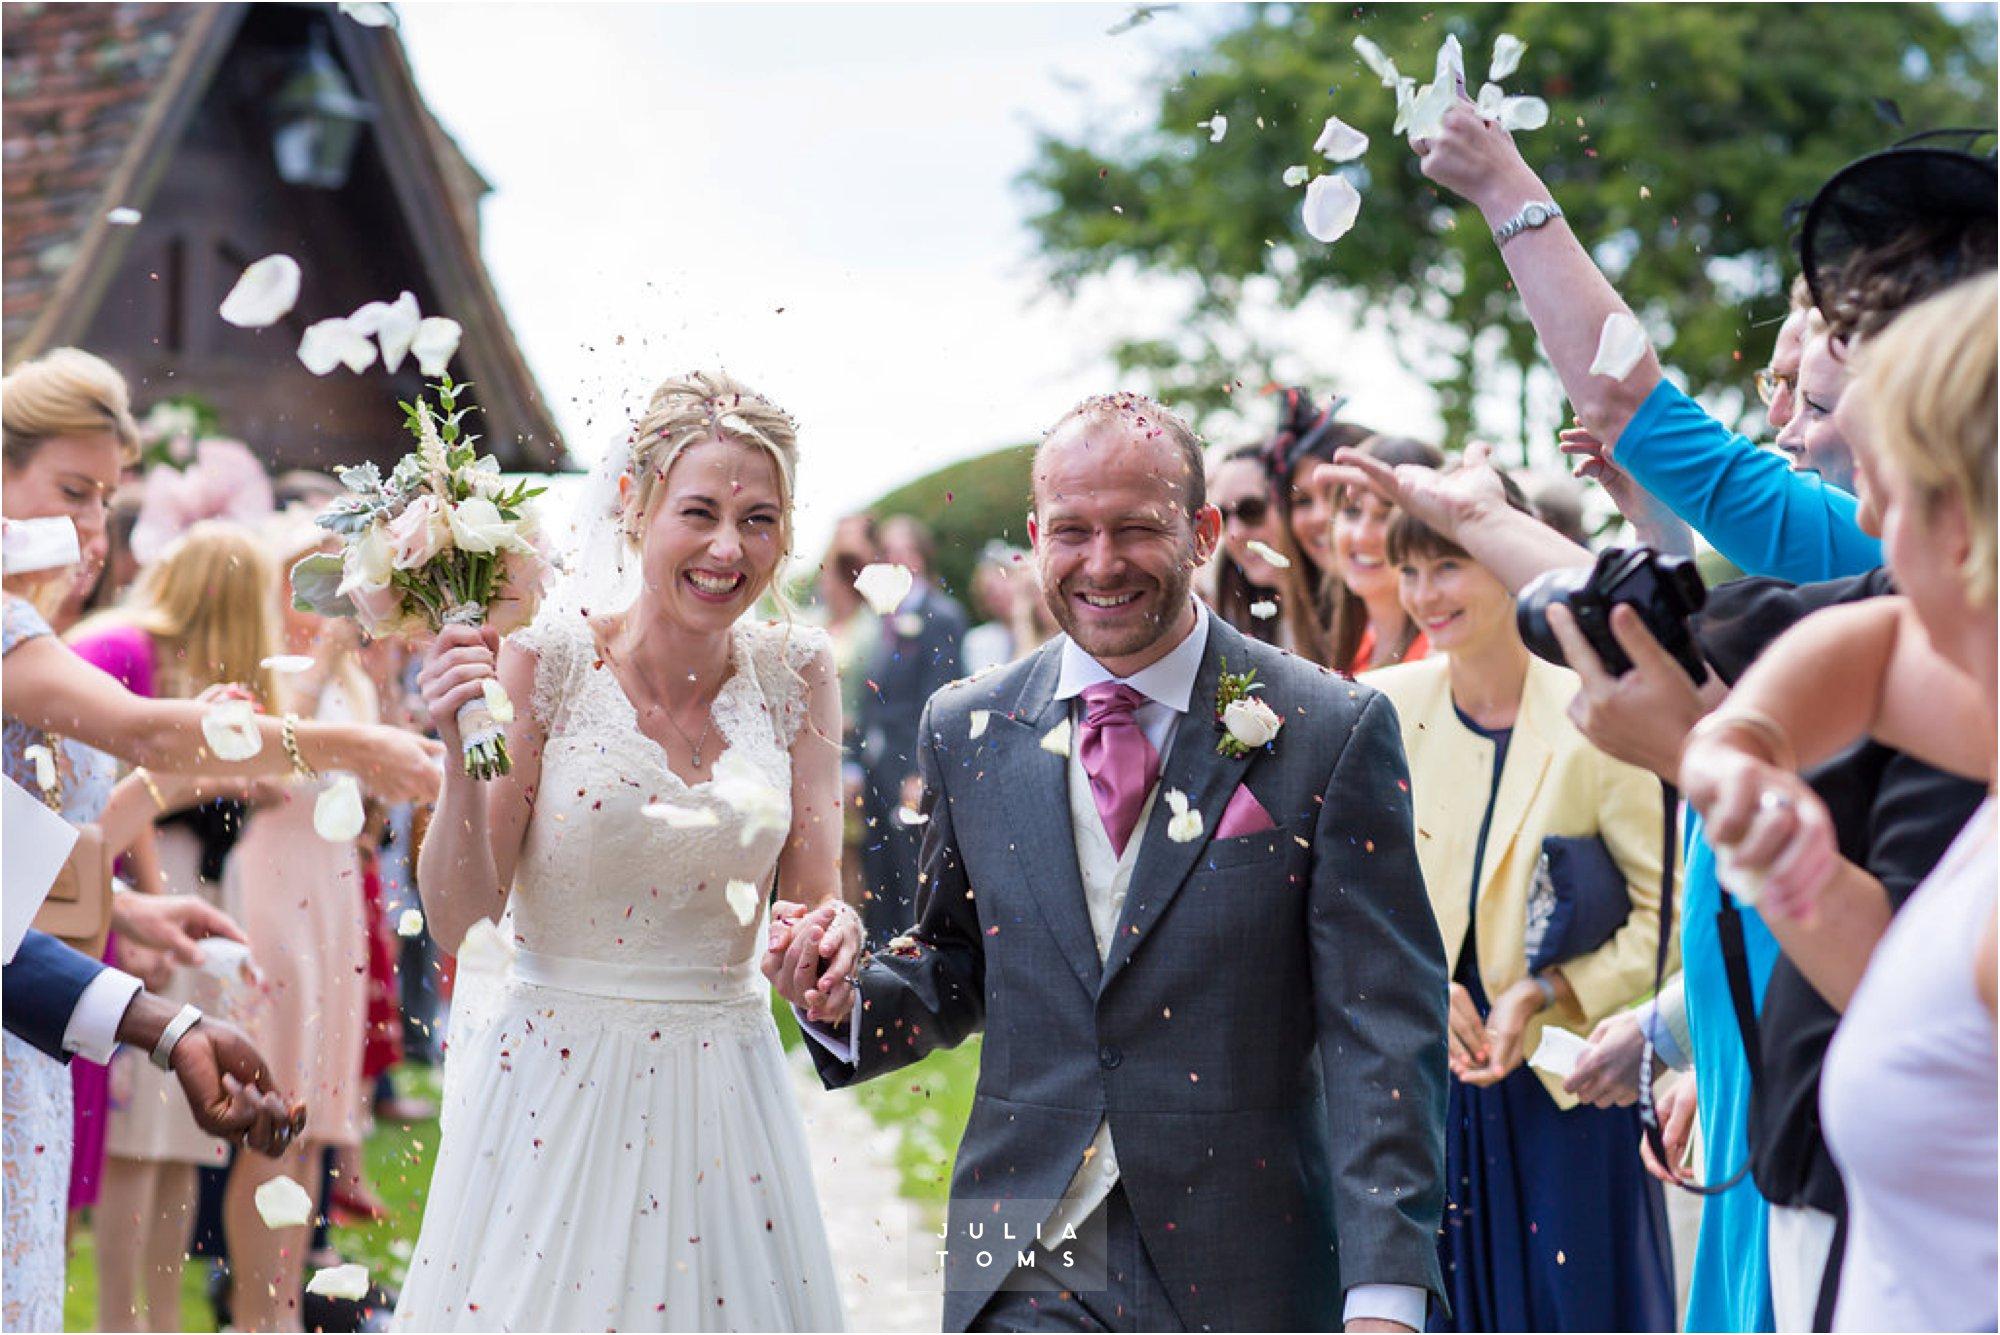 itchenor_wedding_chichester_photographer_036.jpg